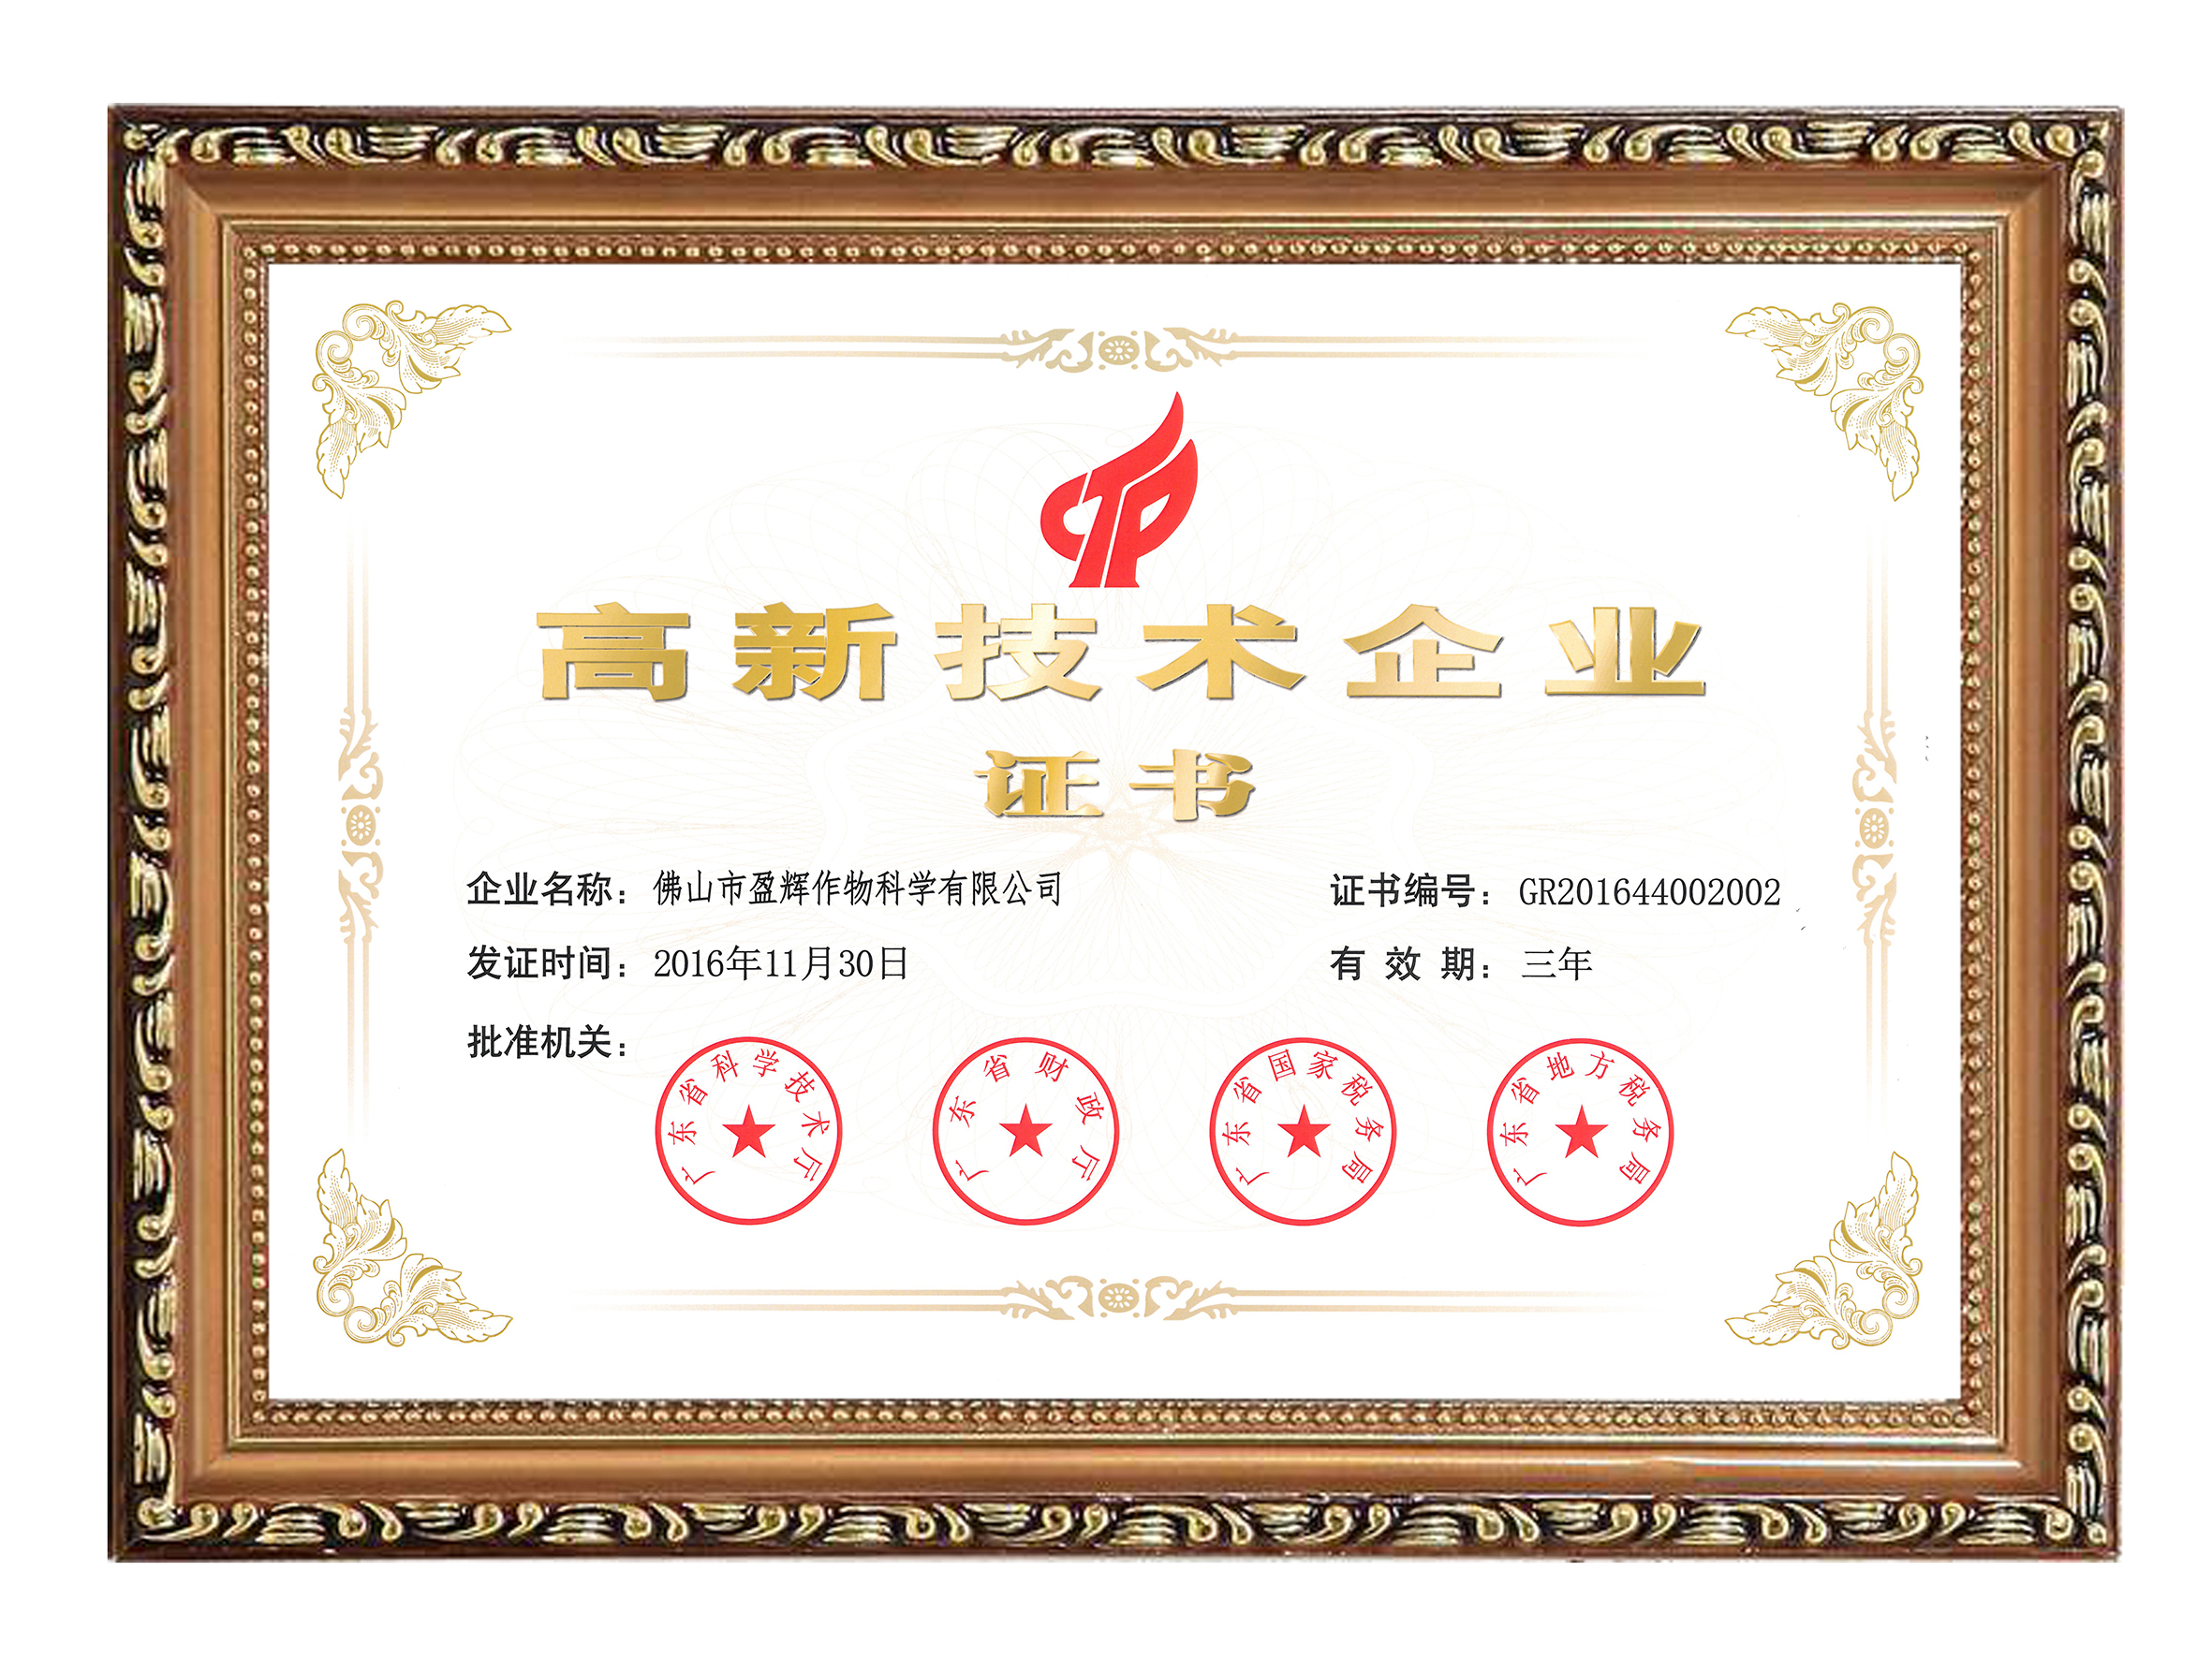 2016高新技术企业证书